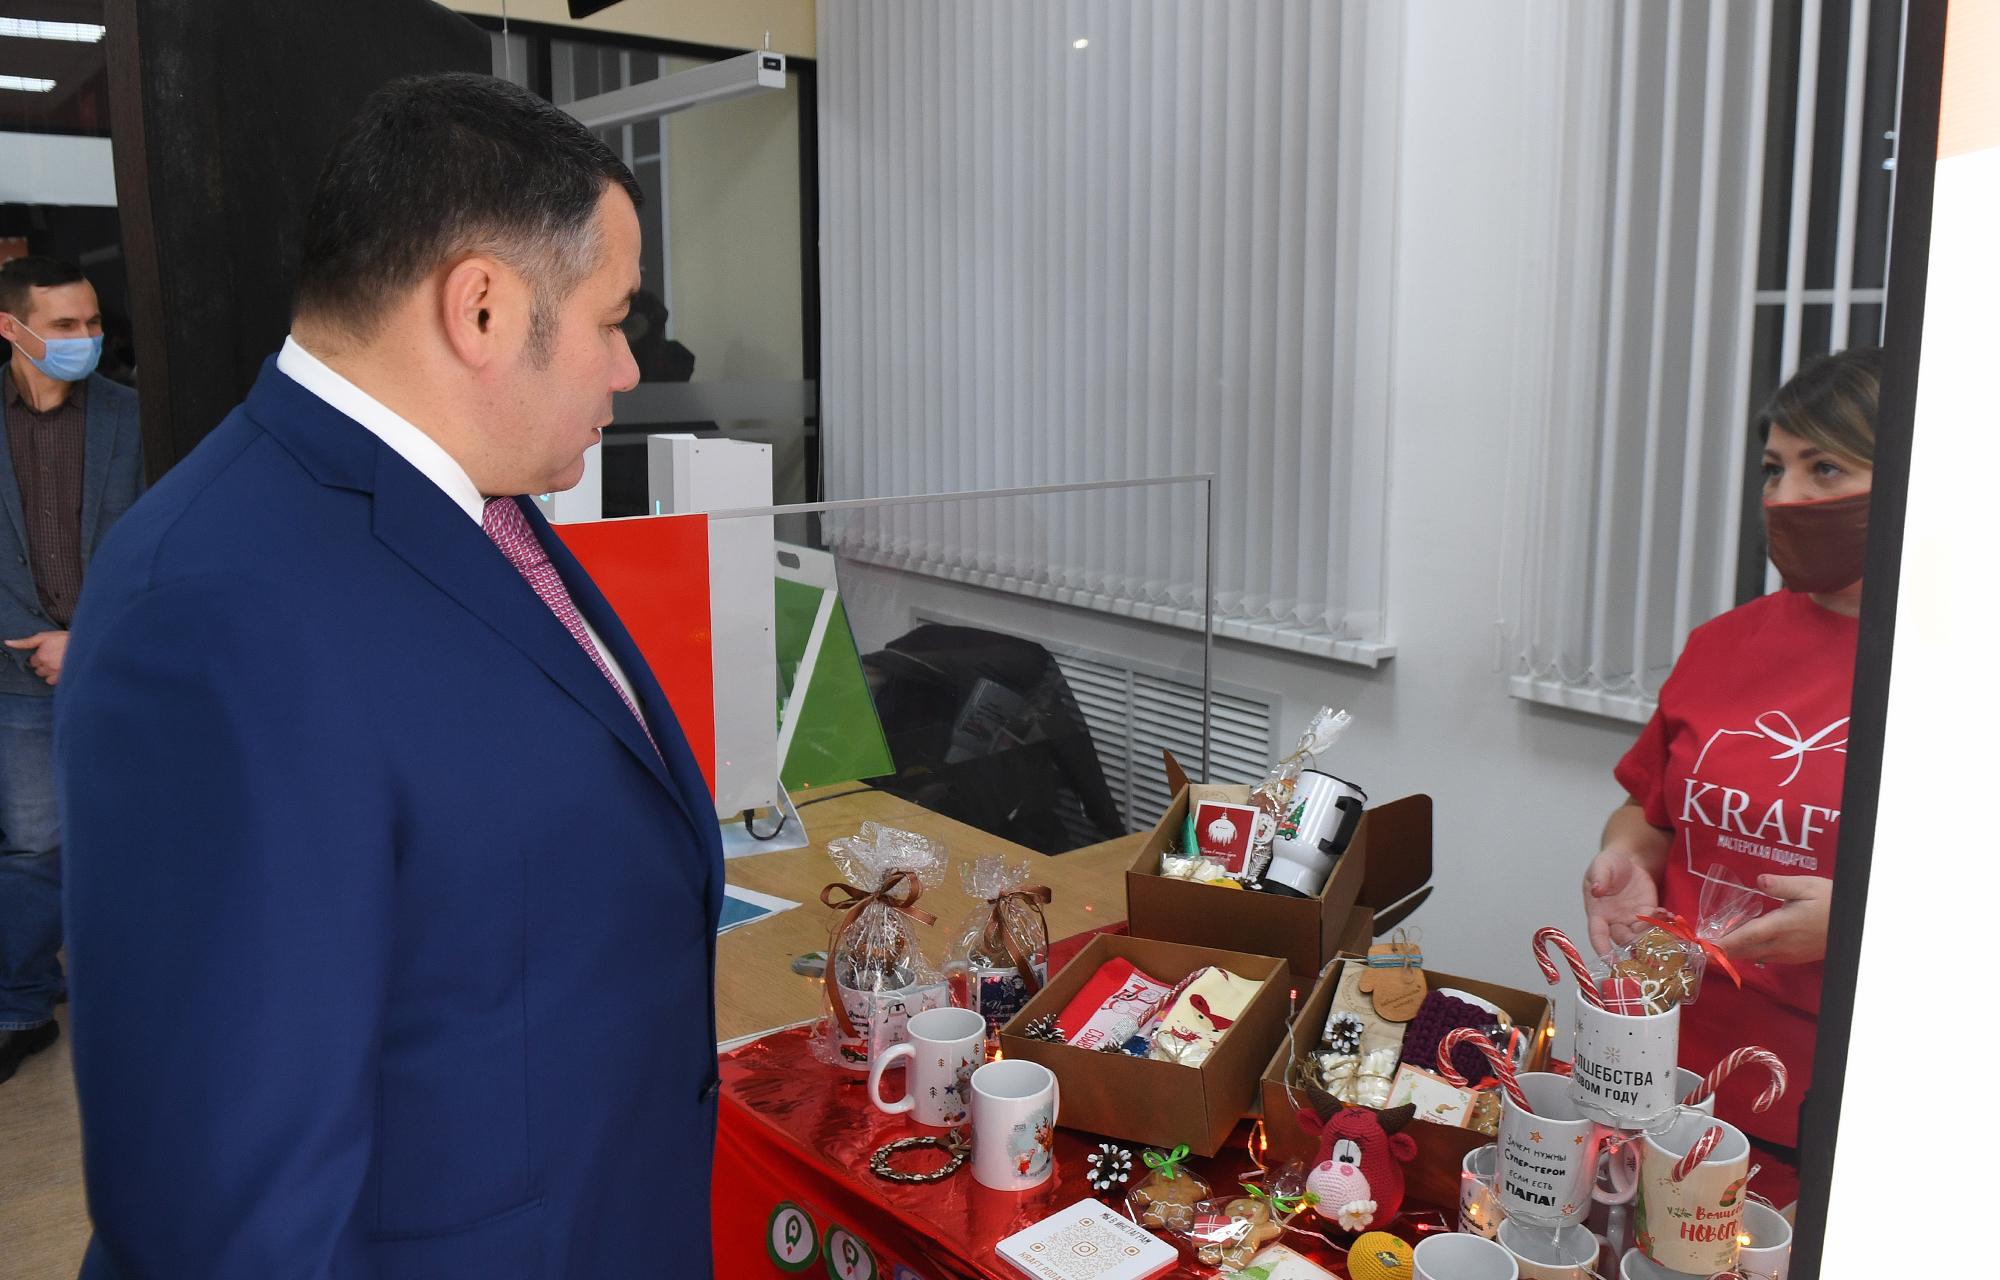 Игорь Руденя встретился с участниками образовательных программ центра «Мой бизнес» в Твери